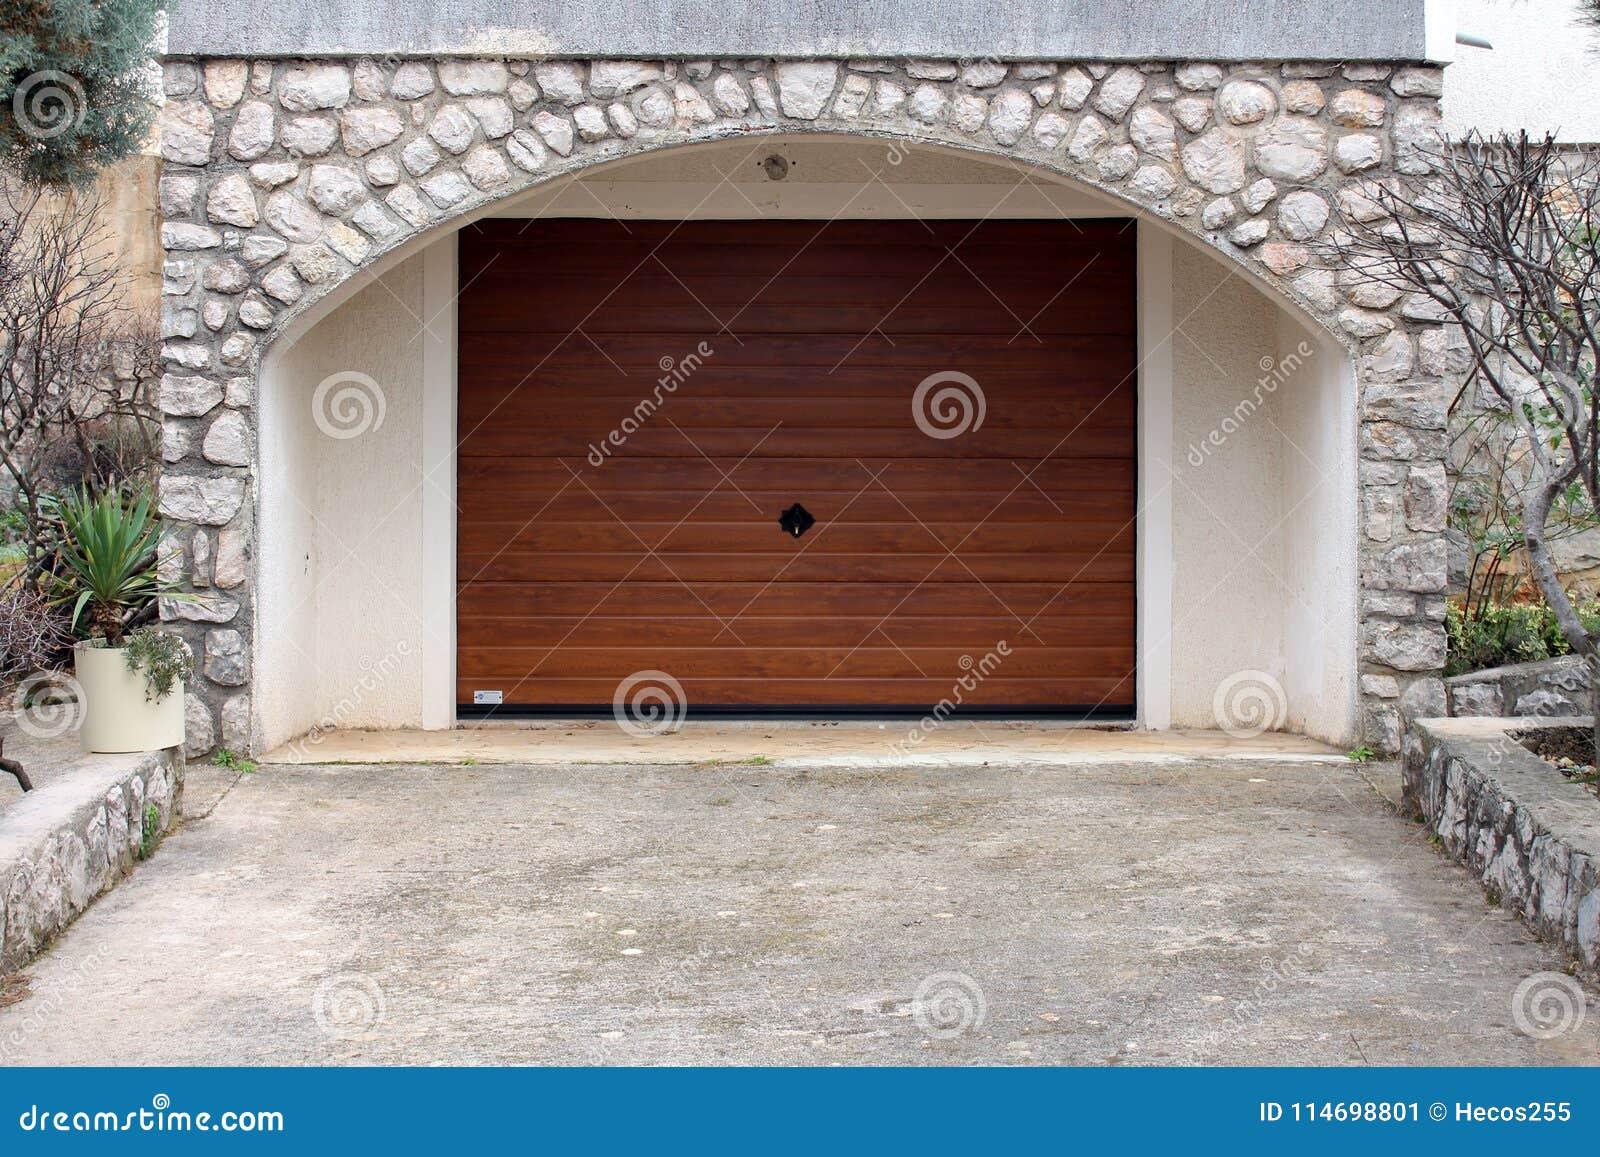 Ο σύγχρονος ρόλος επάνω στην πόρτα γκαράζ μετάλλων με το ξύλινο σιτάρι faux τελειώνει